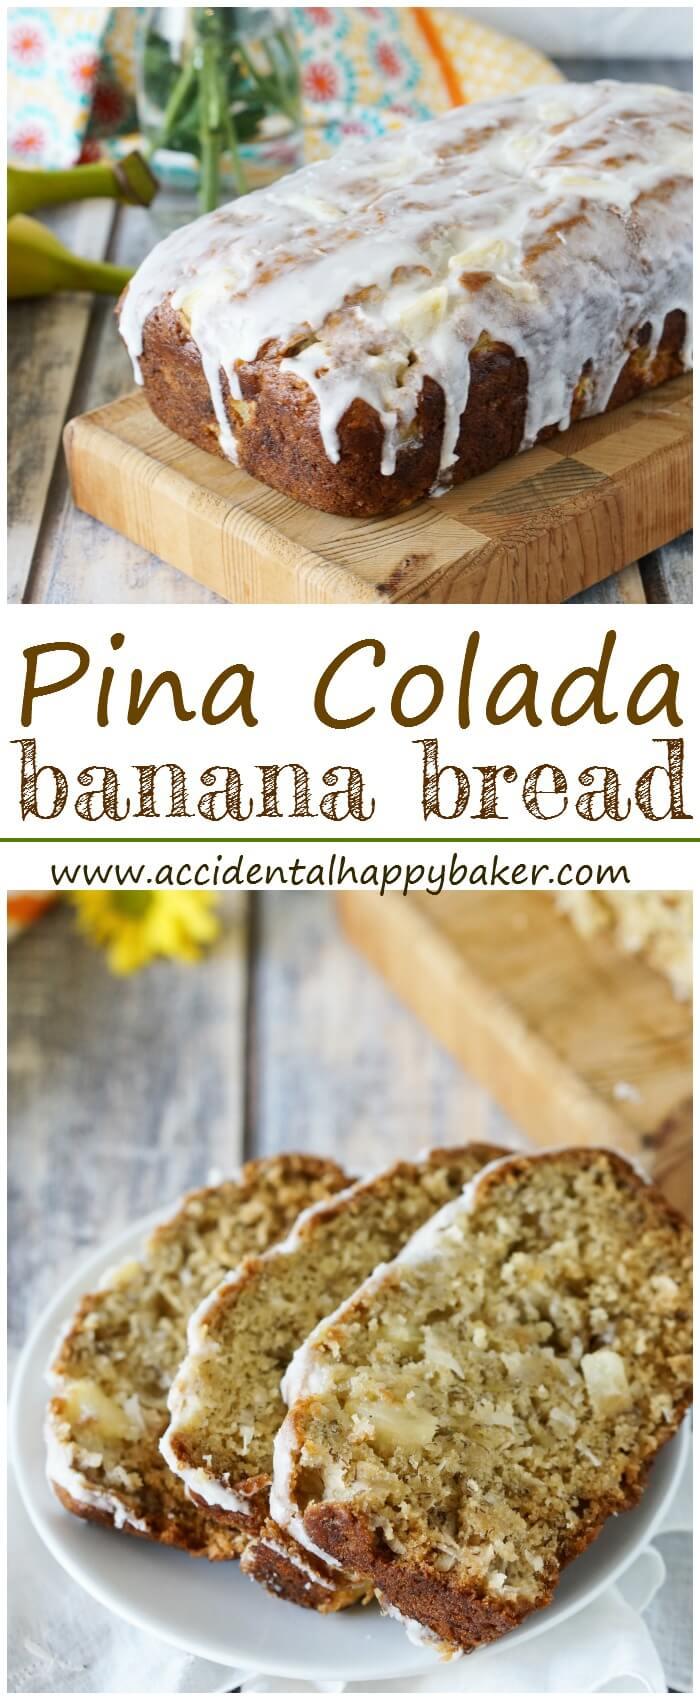 Pina-colada-banana-bread-pin